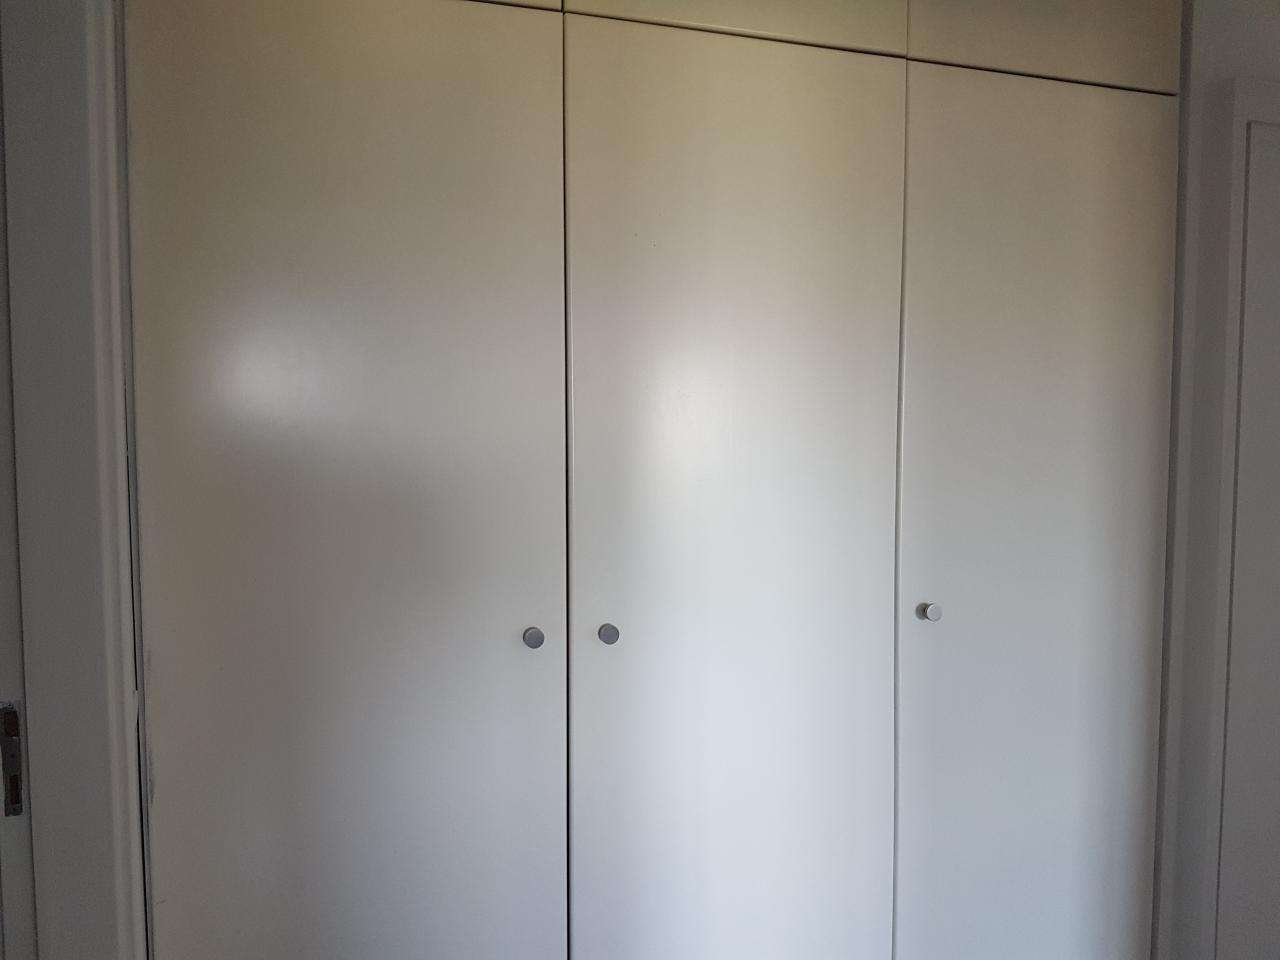 Apartamento para comprar, Bem Viver, Marco de Canaveses, Porto - Foto 4